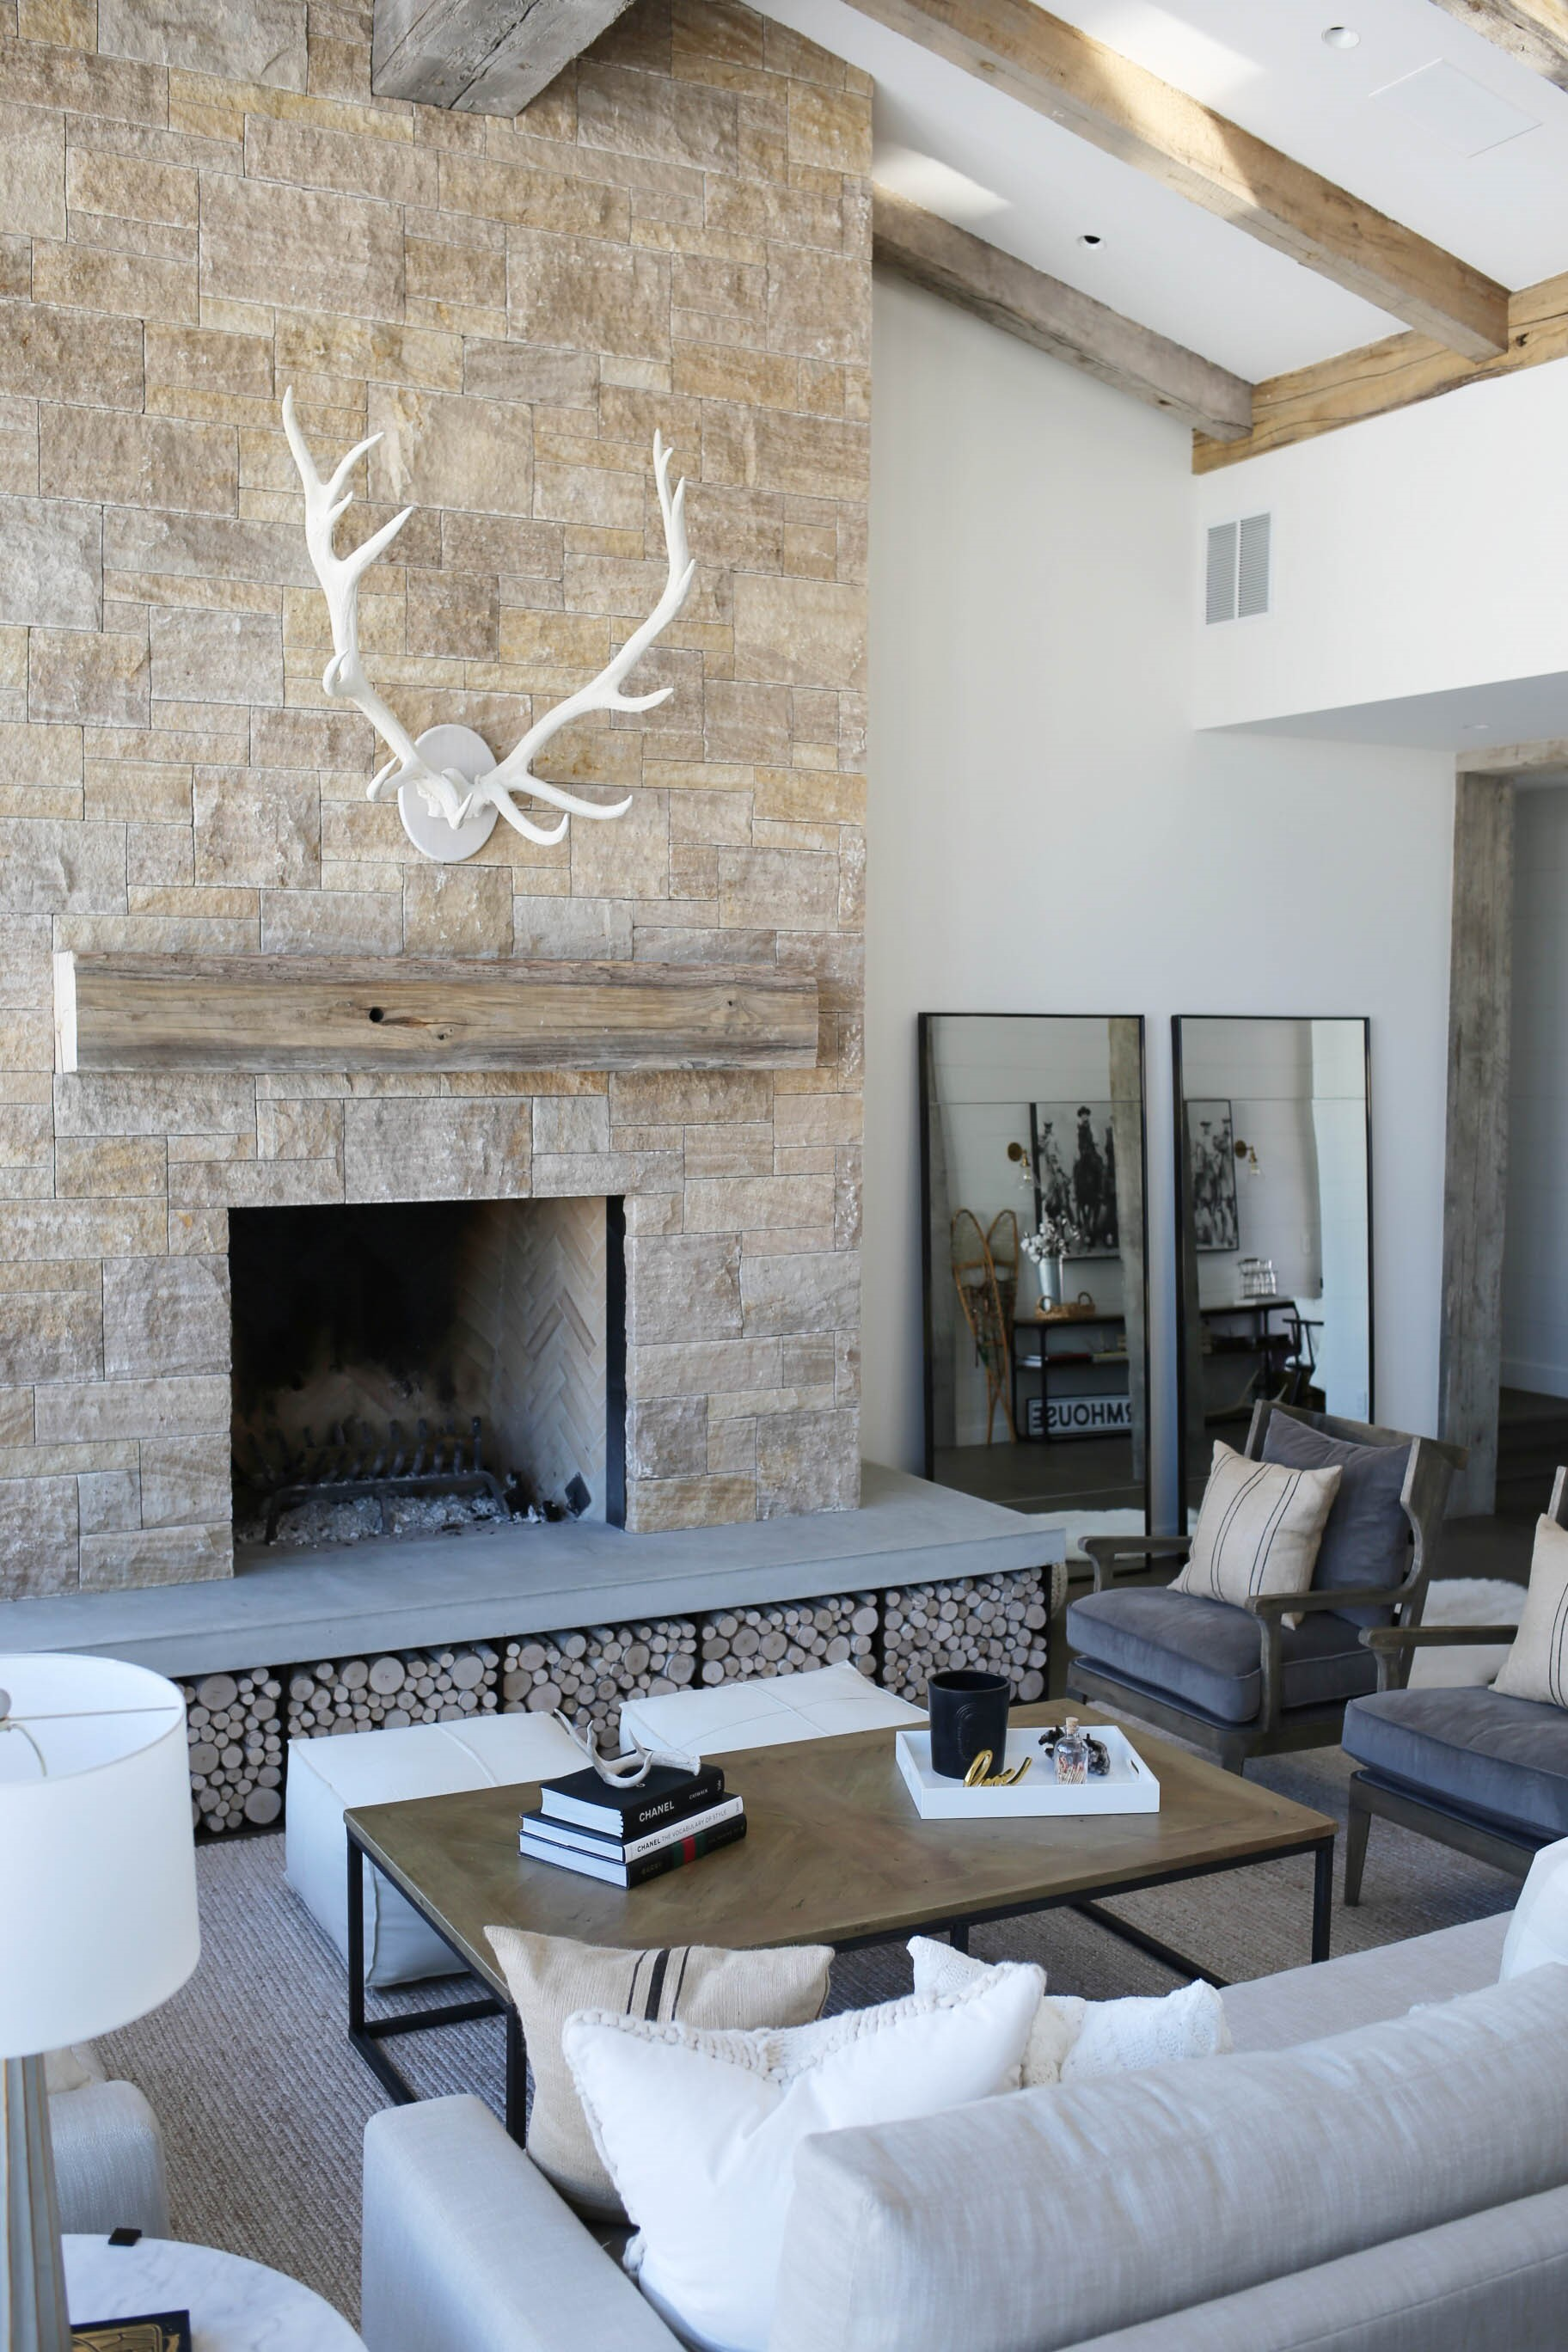 farmhouse style living room decor ideas 64